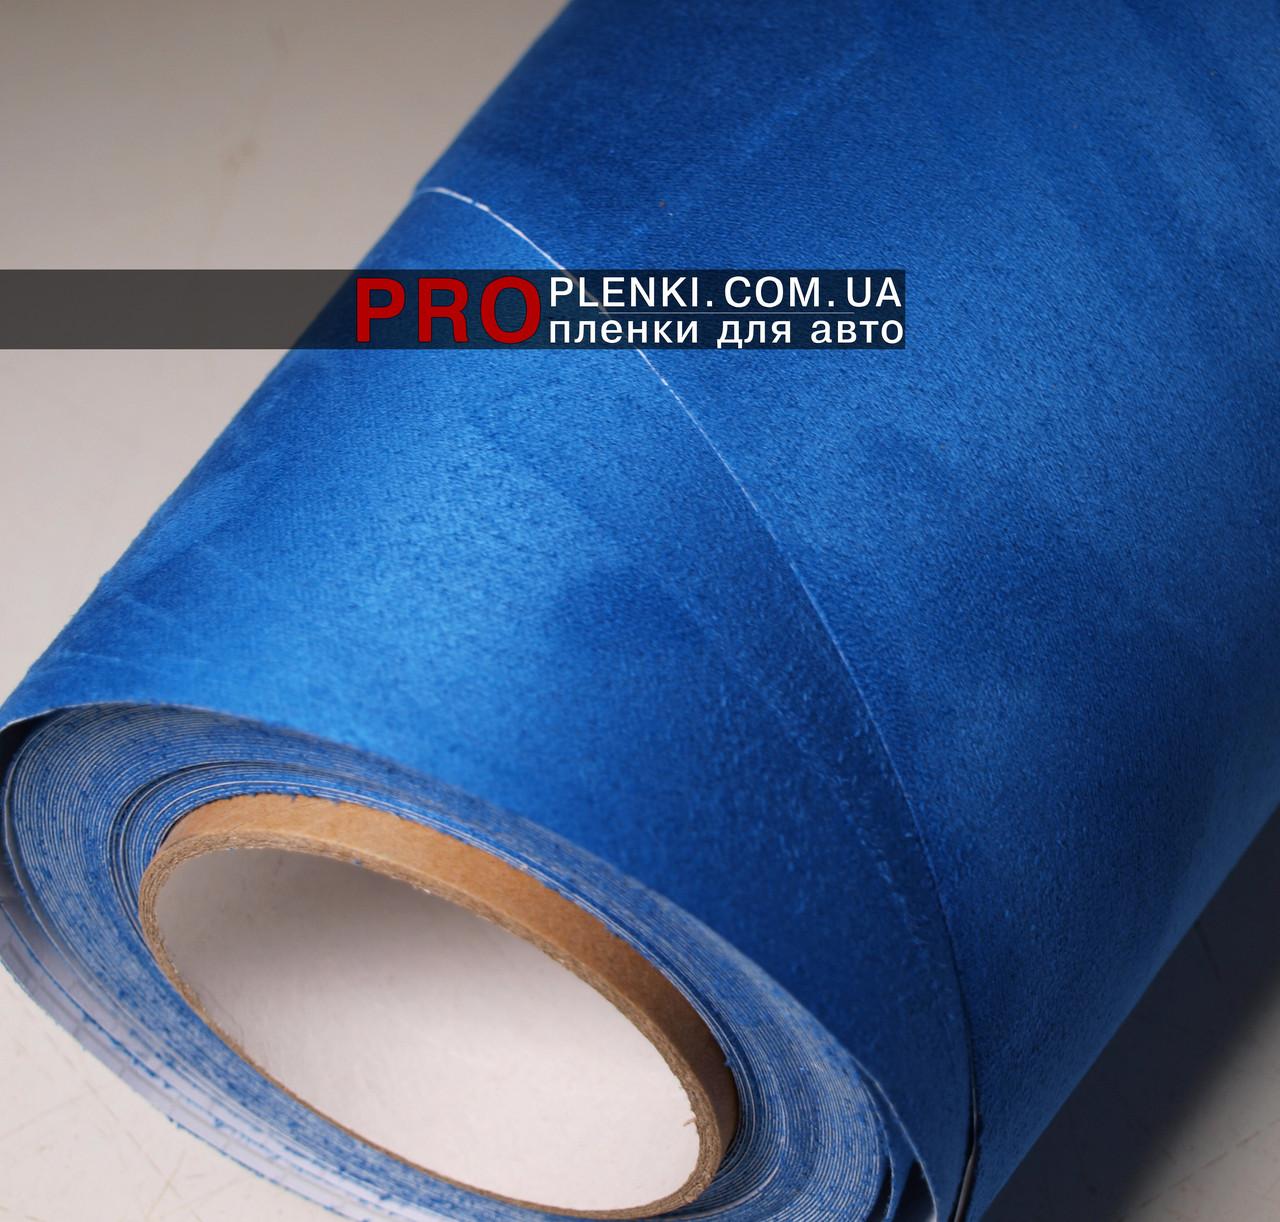 Синя алькантара на тканинній основі з клейовим шаром